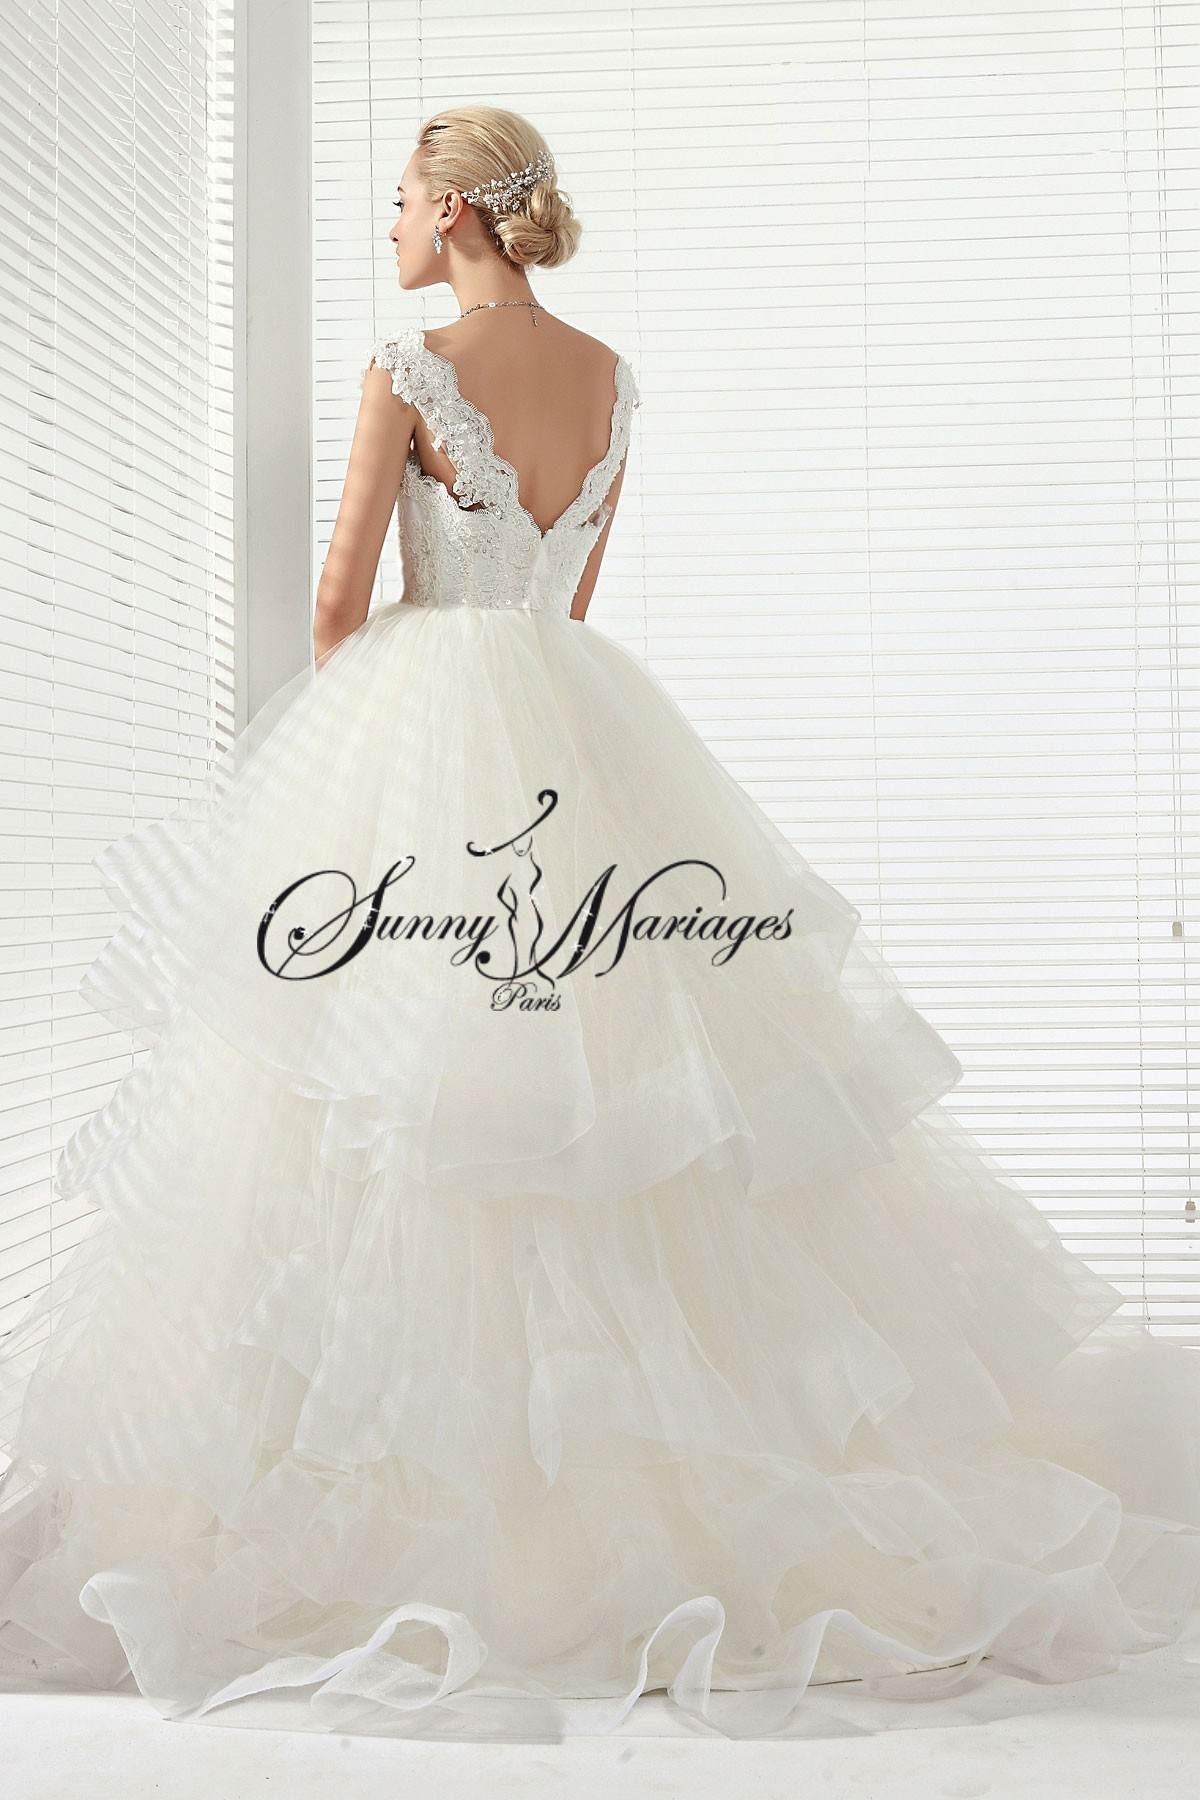 robe de mariee avec une magnifique jupe de tulle et bord e d 39 organza et un bustier perl avec. Black Bedroom Furniture Sets. Home Design Ideas